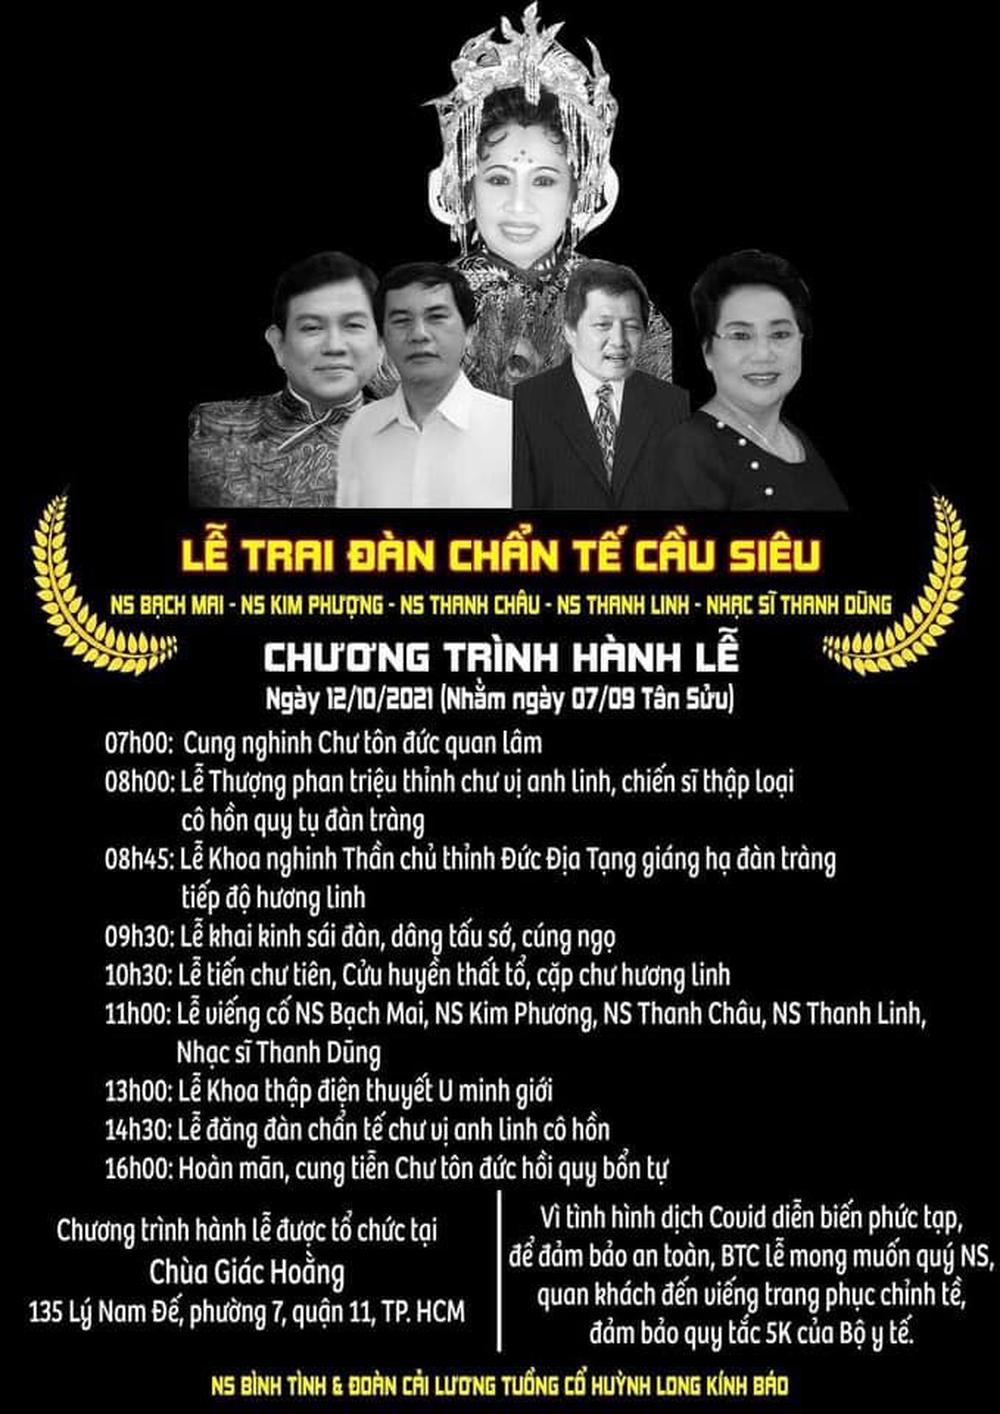 Nghệ sĩ Bình Tinh tổ chức lễ tưởng niệm cho 5 người thân vừa qua đời - Ảnh 1.